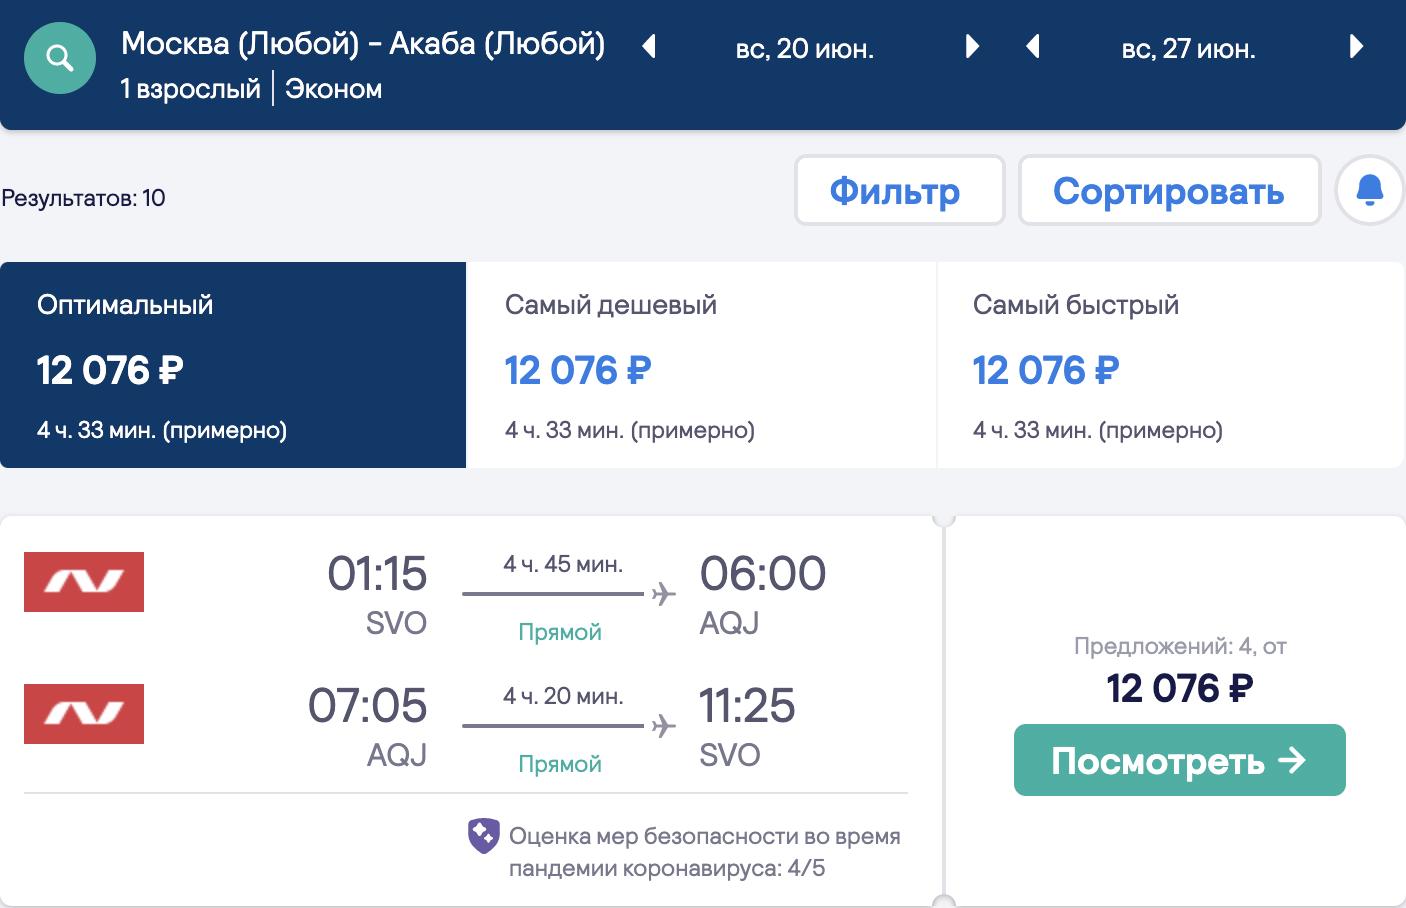 Иордания для самостоятельных: дешевые рейсы из Москвы в Акабу от 11600₽ туда-обратно (новые даты)